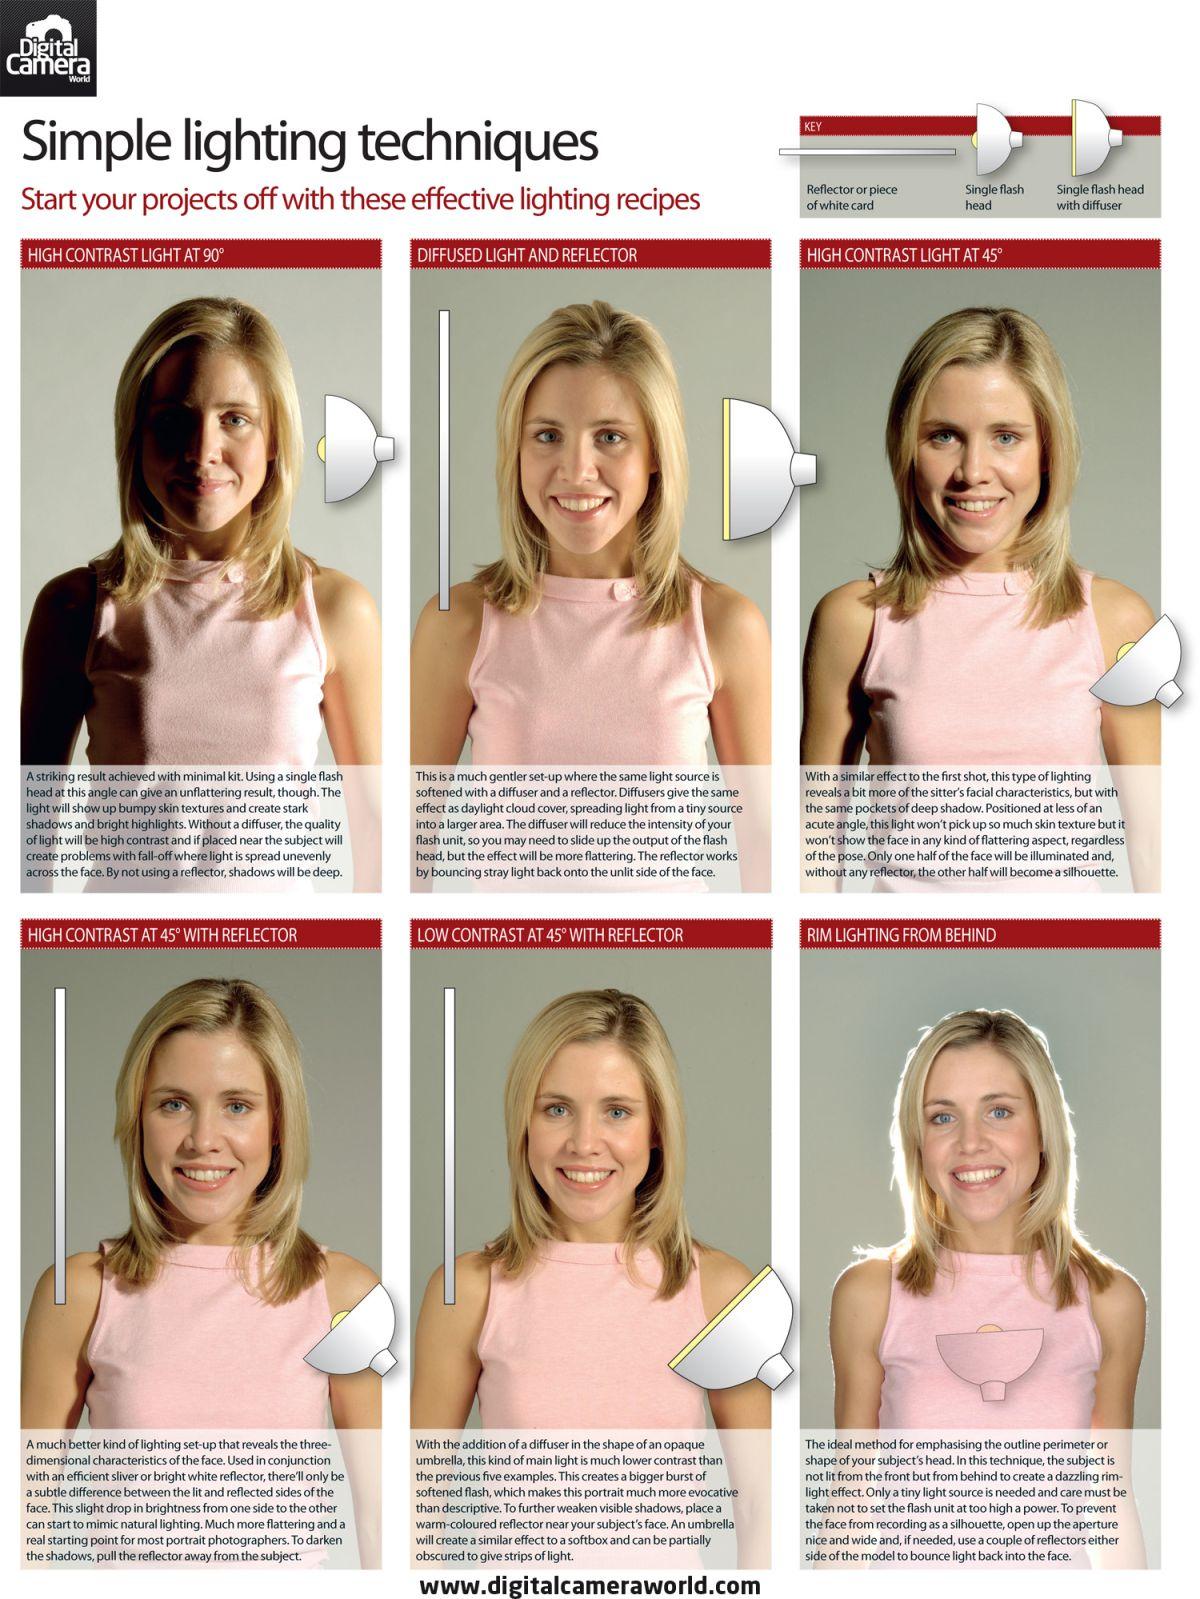 6 simple lighting setups for shooting portraits at home plus free